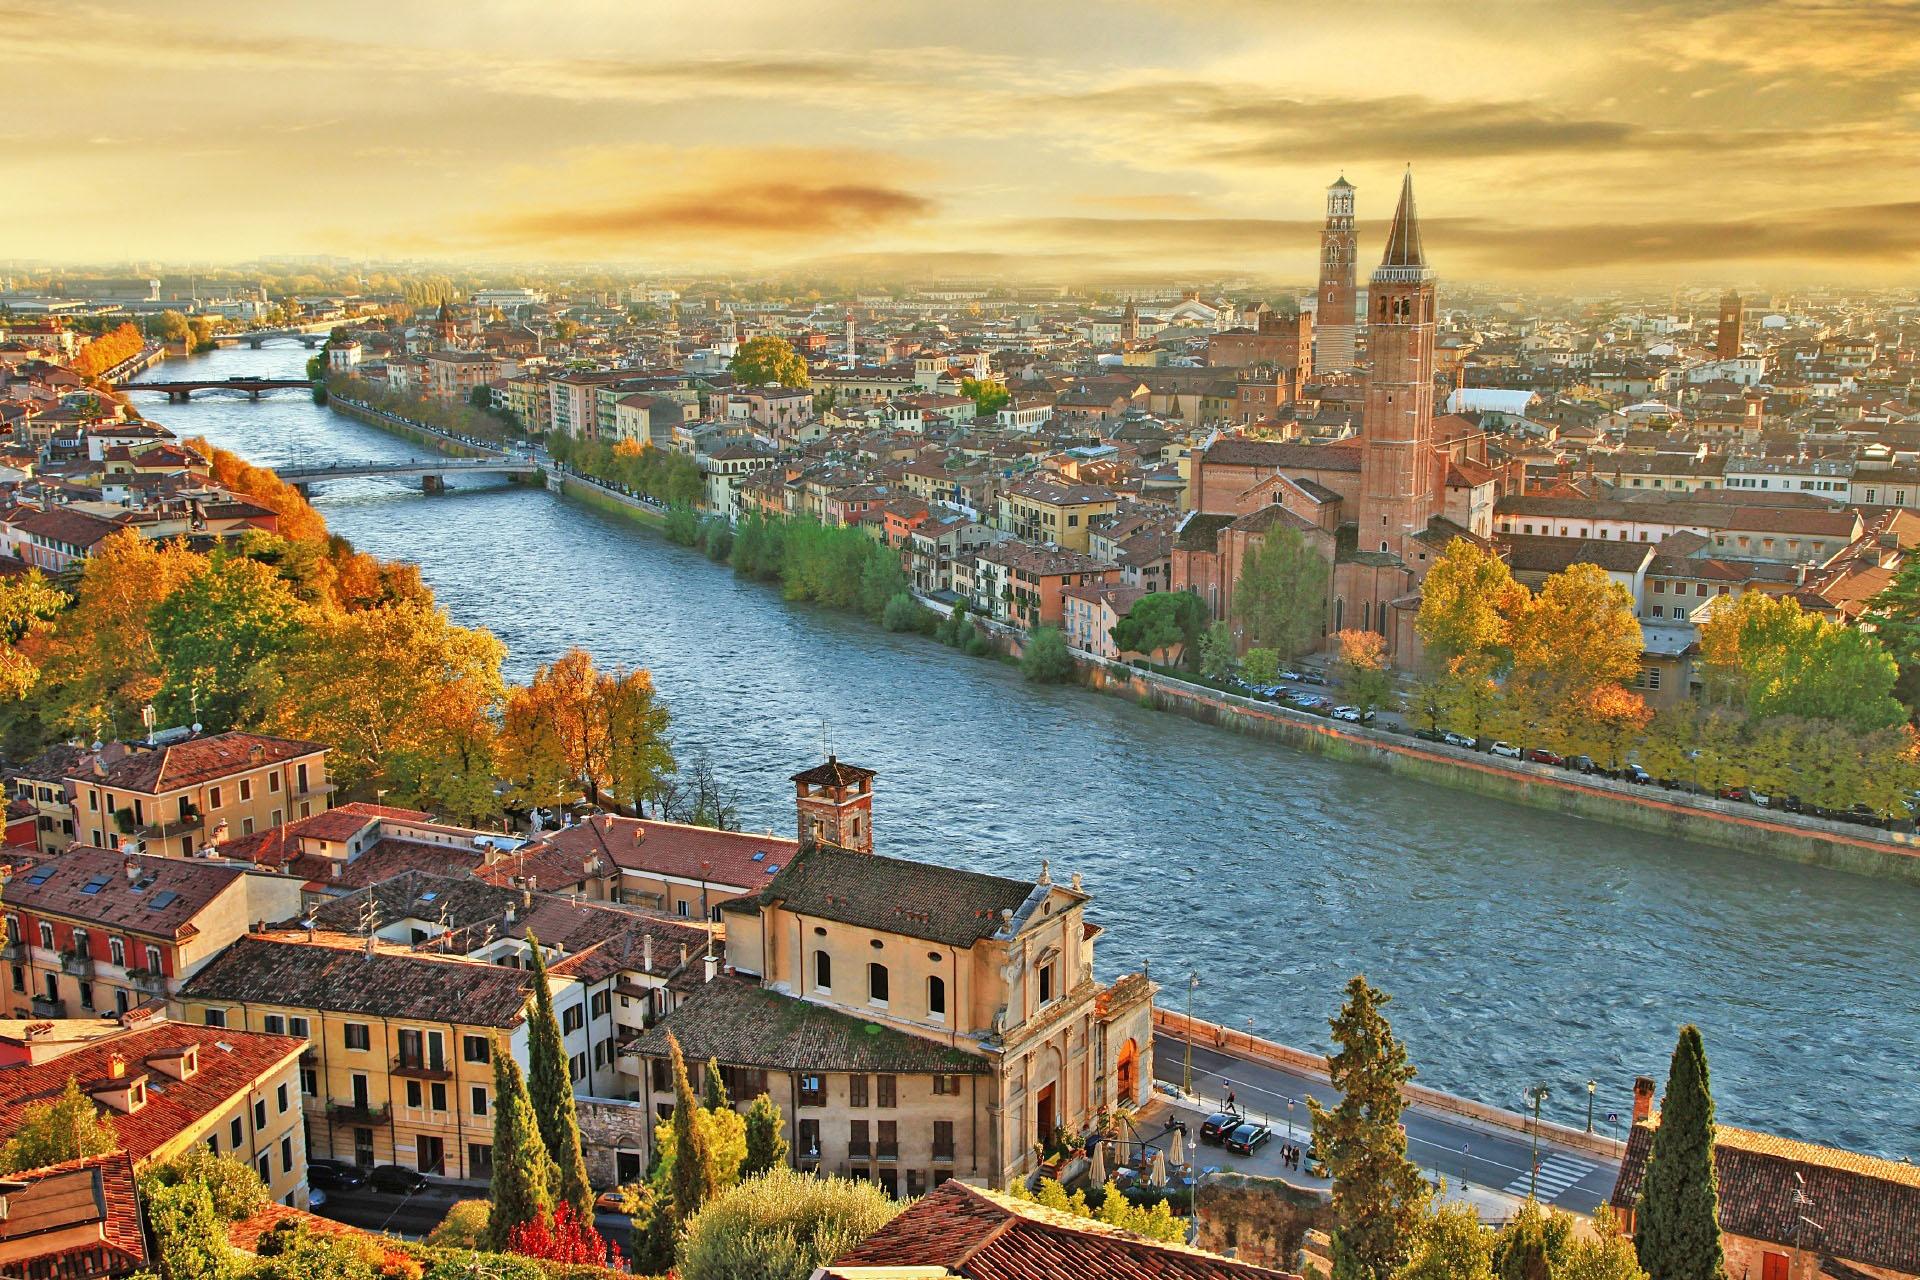 ヴェローナの夕景 イタリアの風景